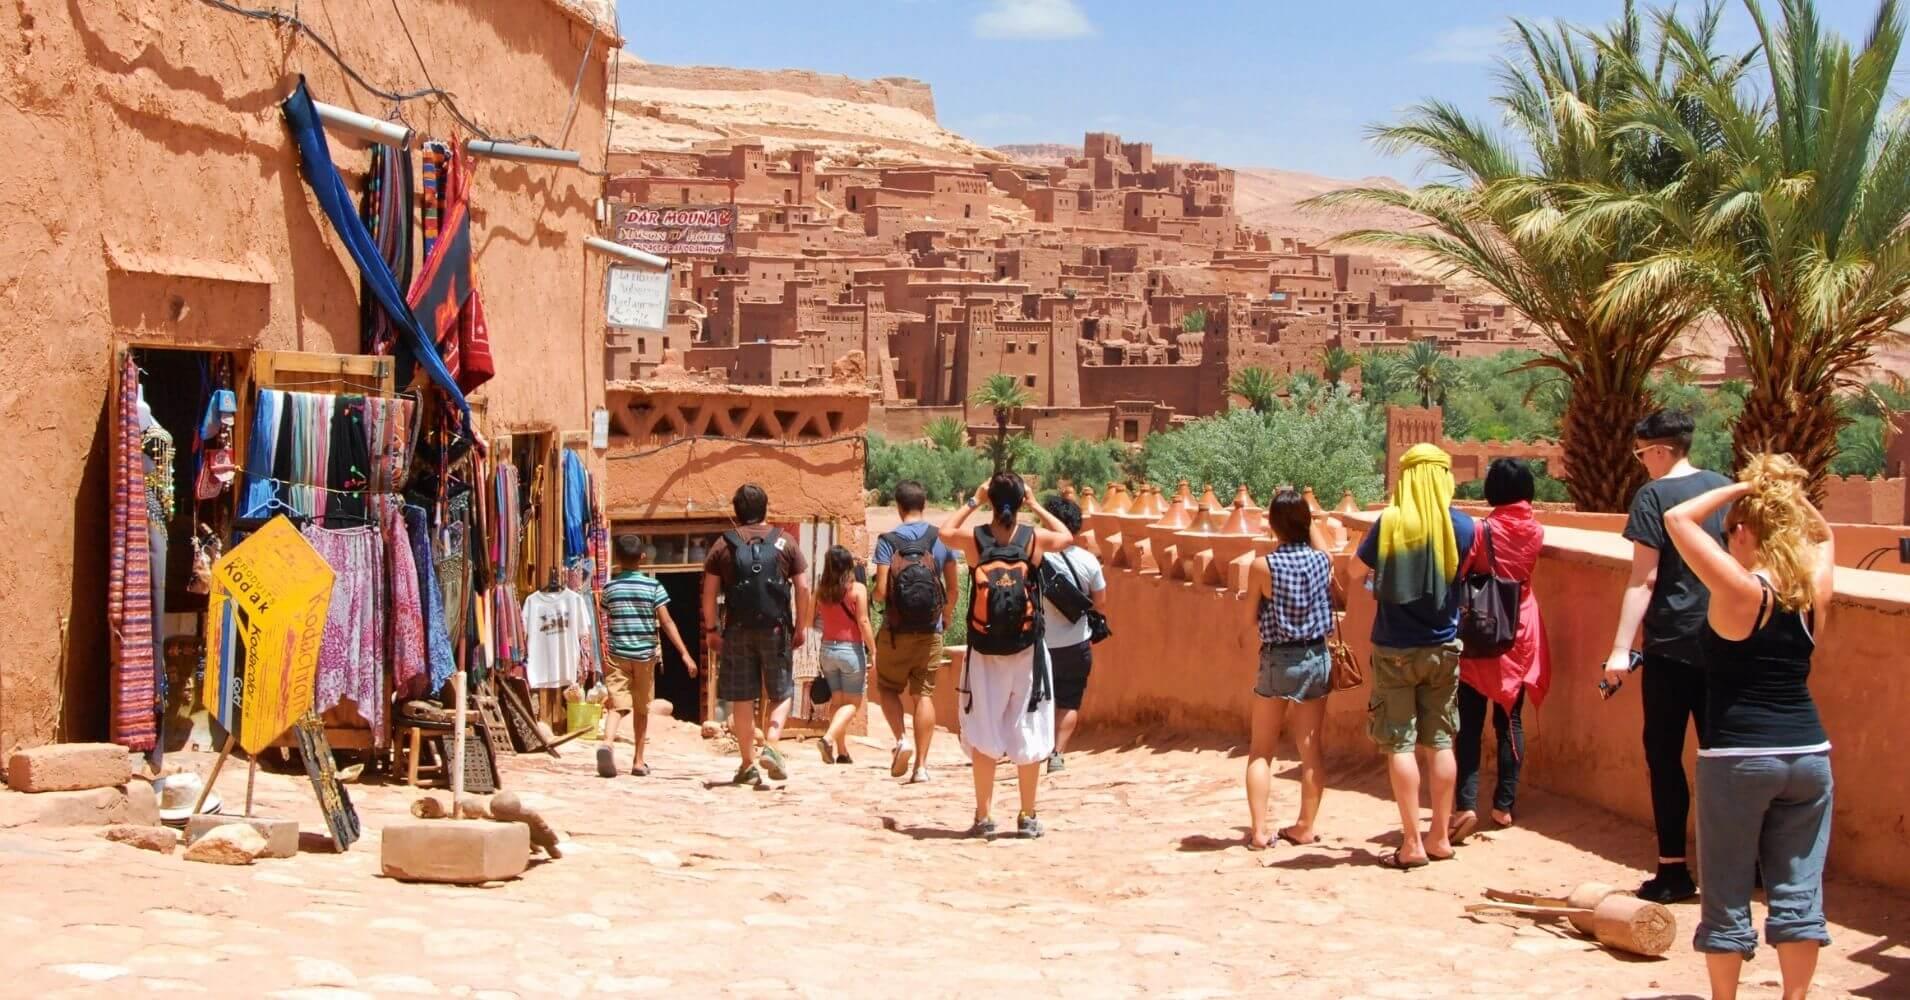 En la Kasbah Aït Ben Haddou, Marruecos.